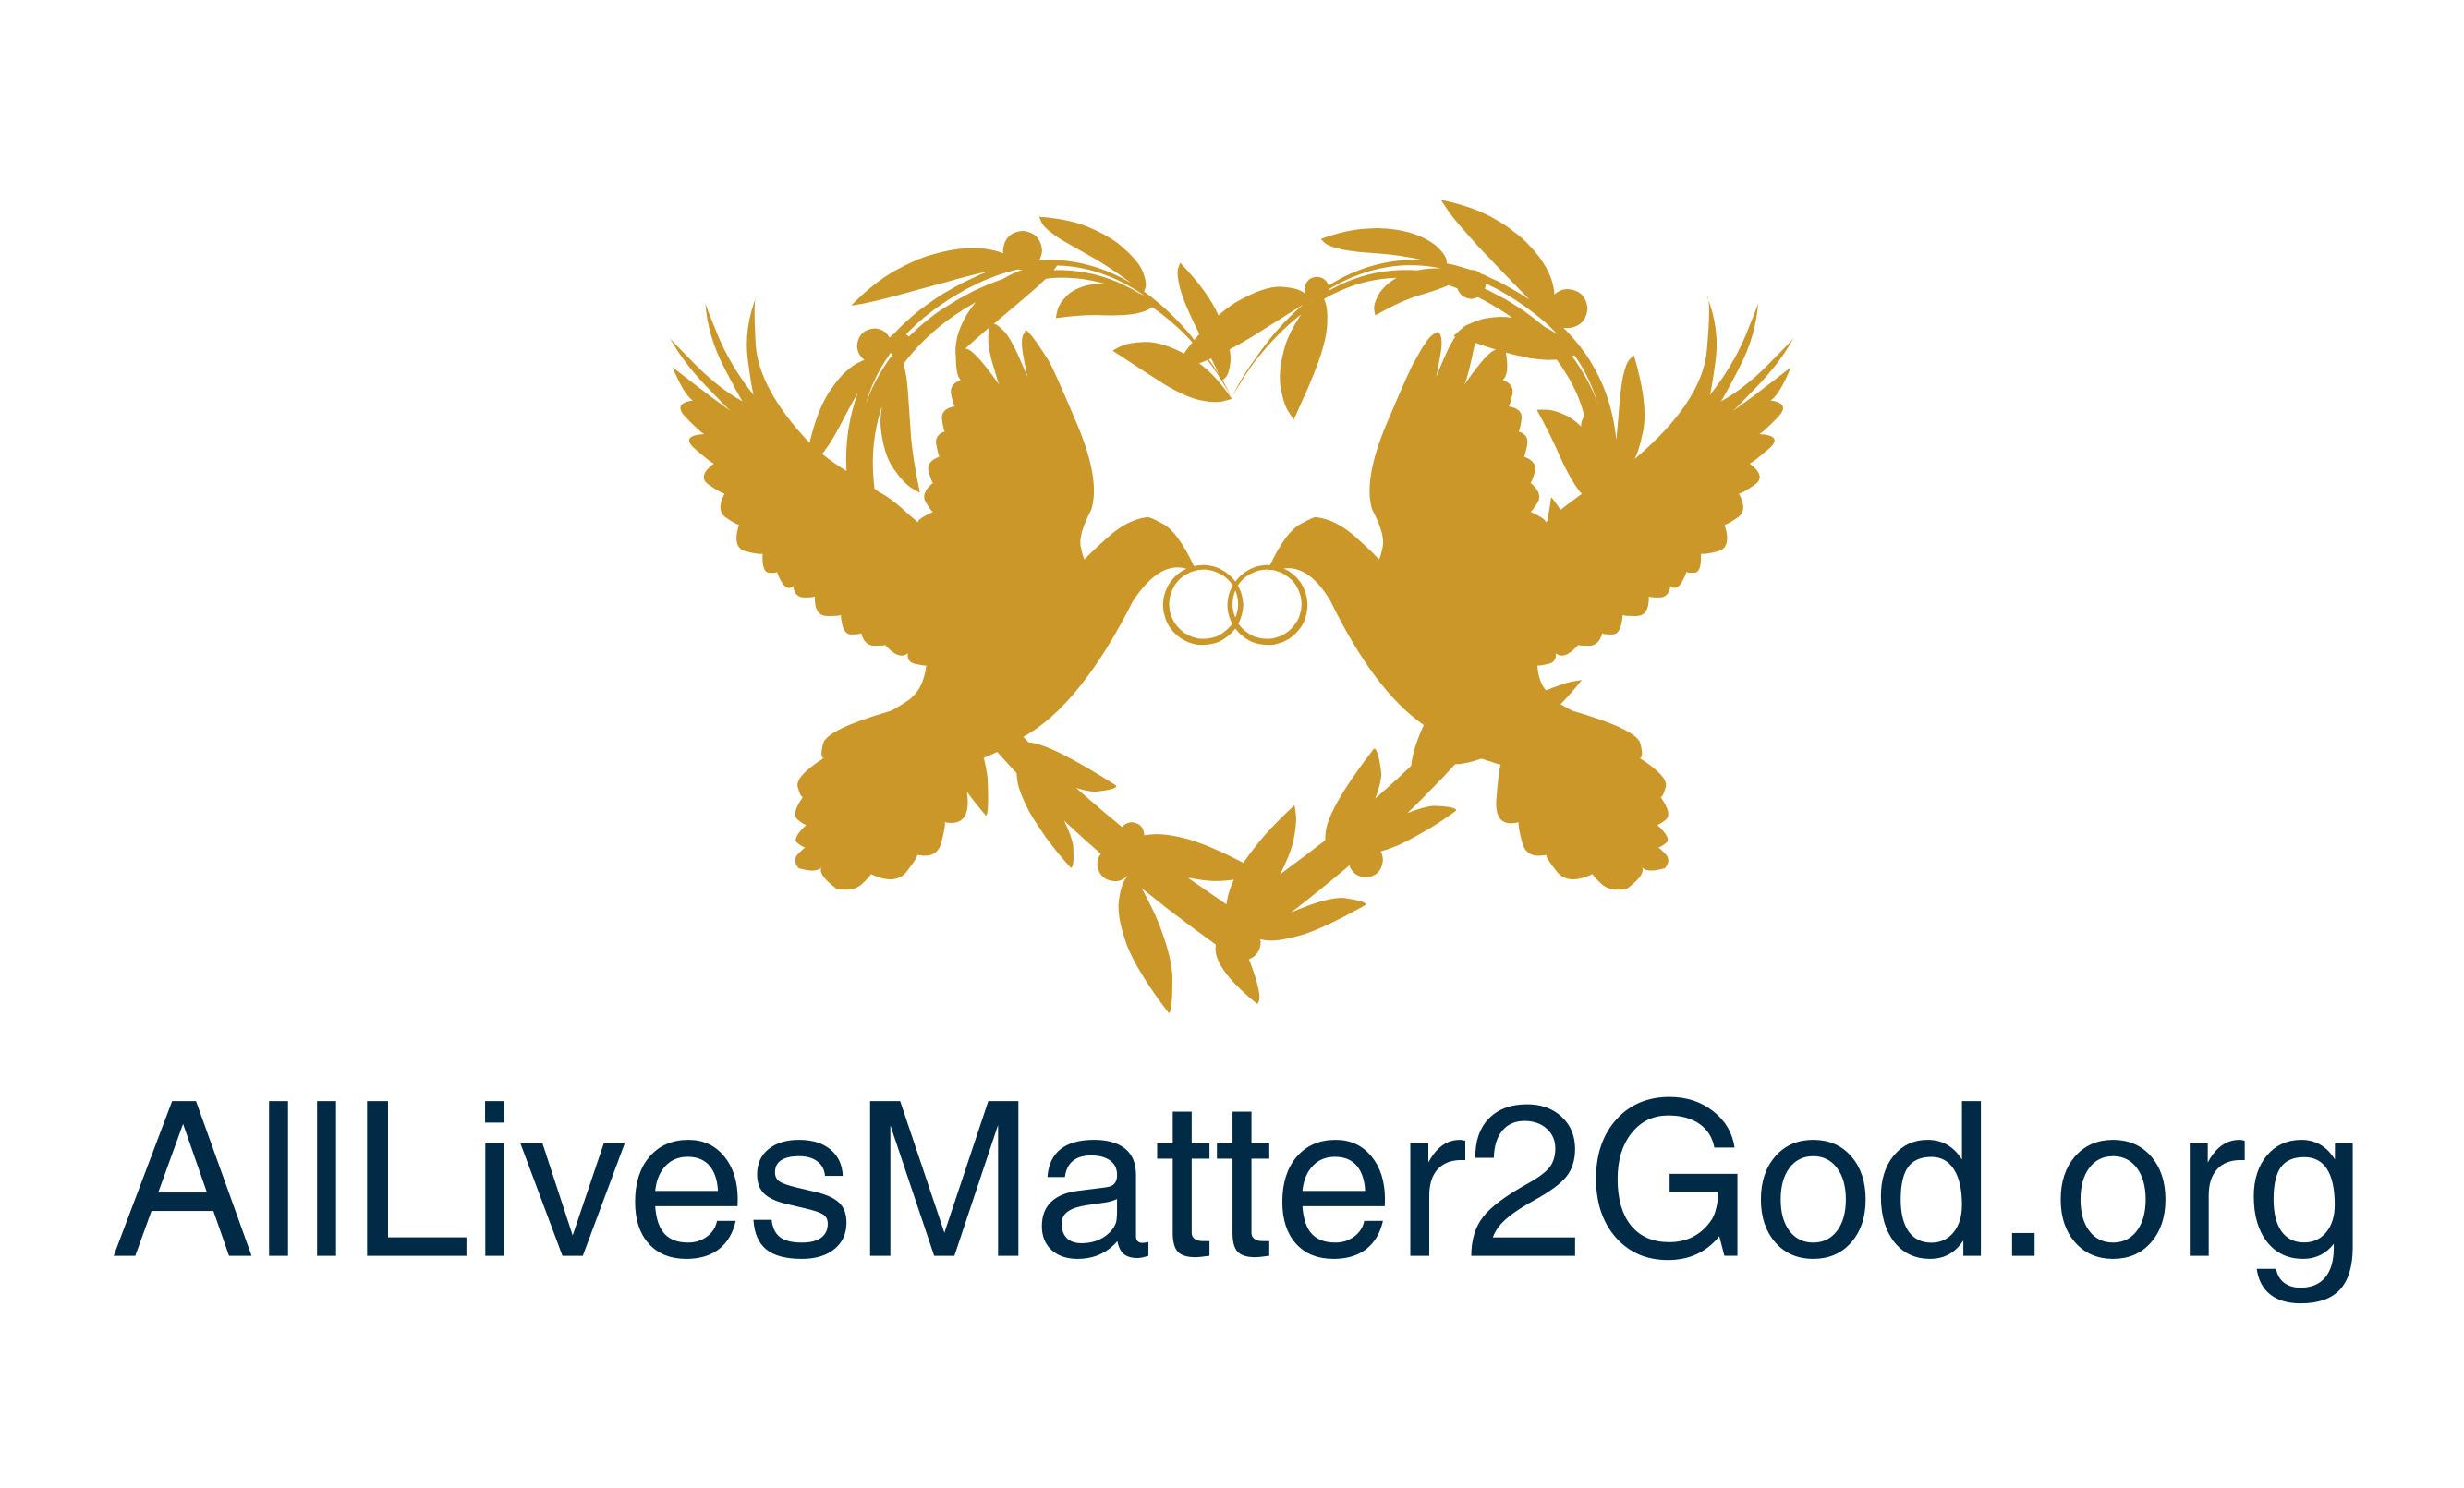 AllLivesMatter2God.org